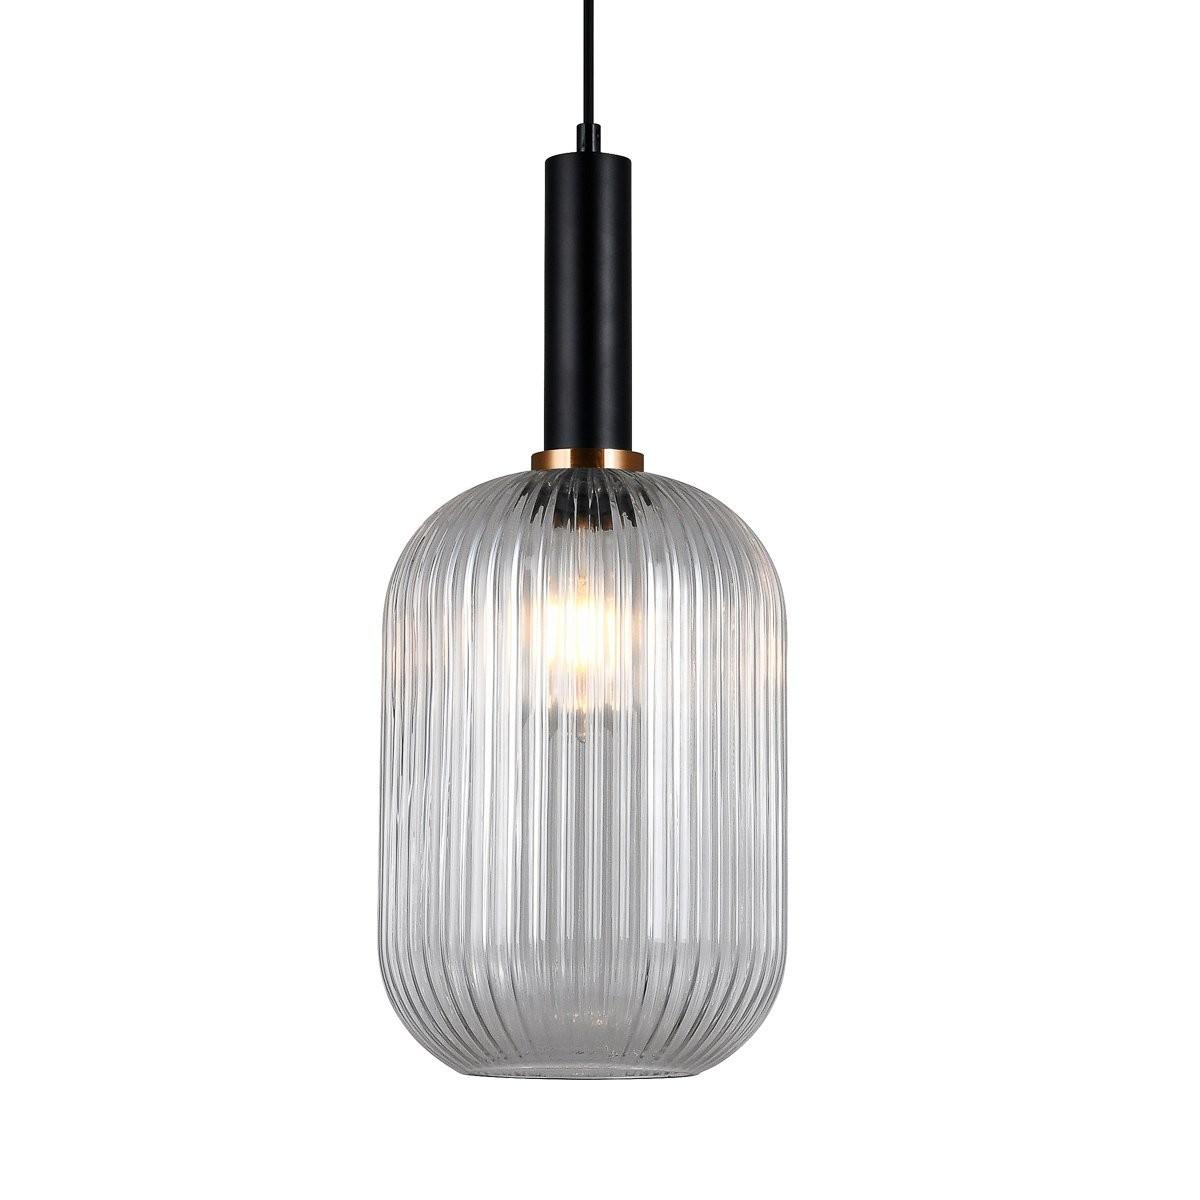 Italux PND-5588-1L-BK+CL závěsné stropní svítidlo Antiola 1x40W | E27 - černá, průhledná